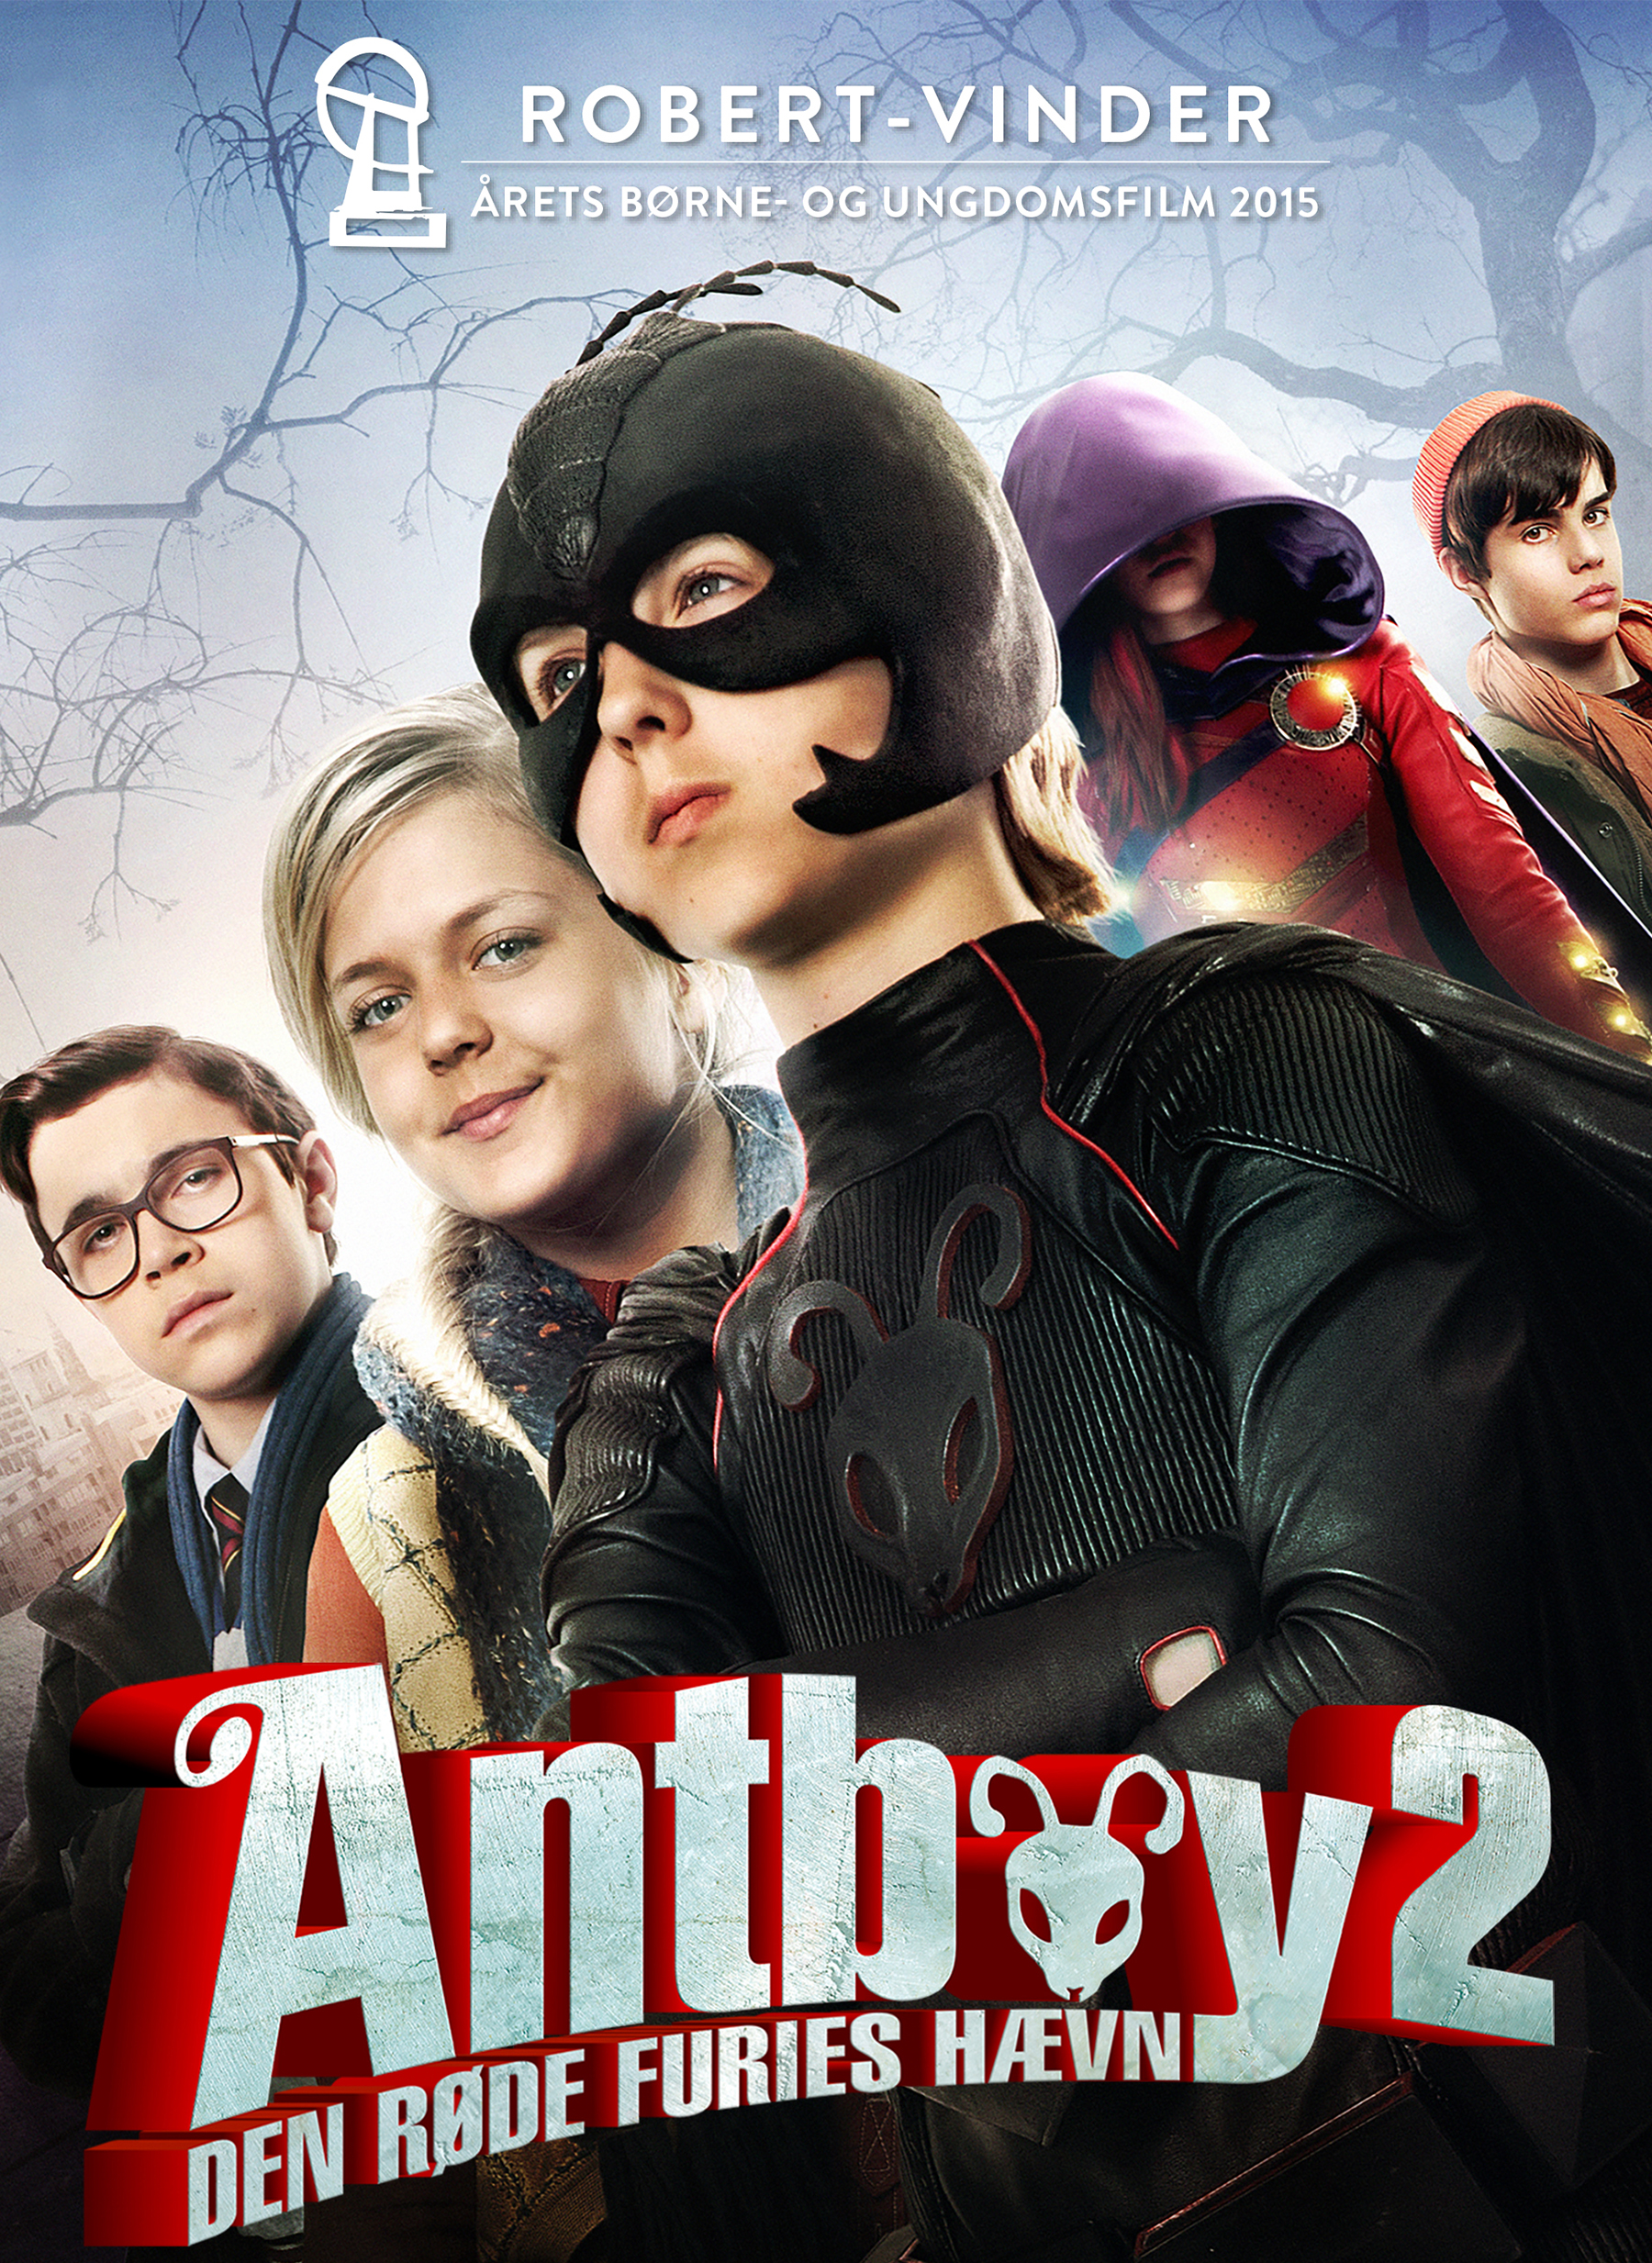 Antboy 2 - Den røde furies hævn